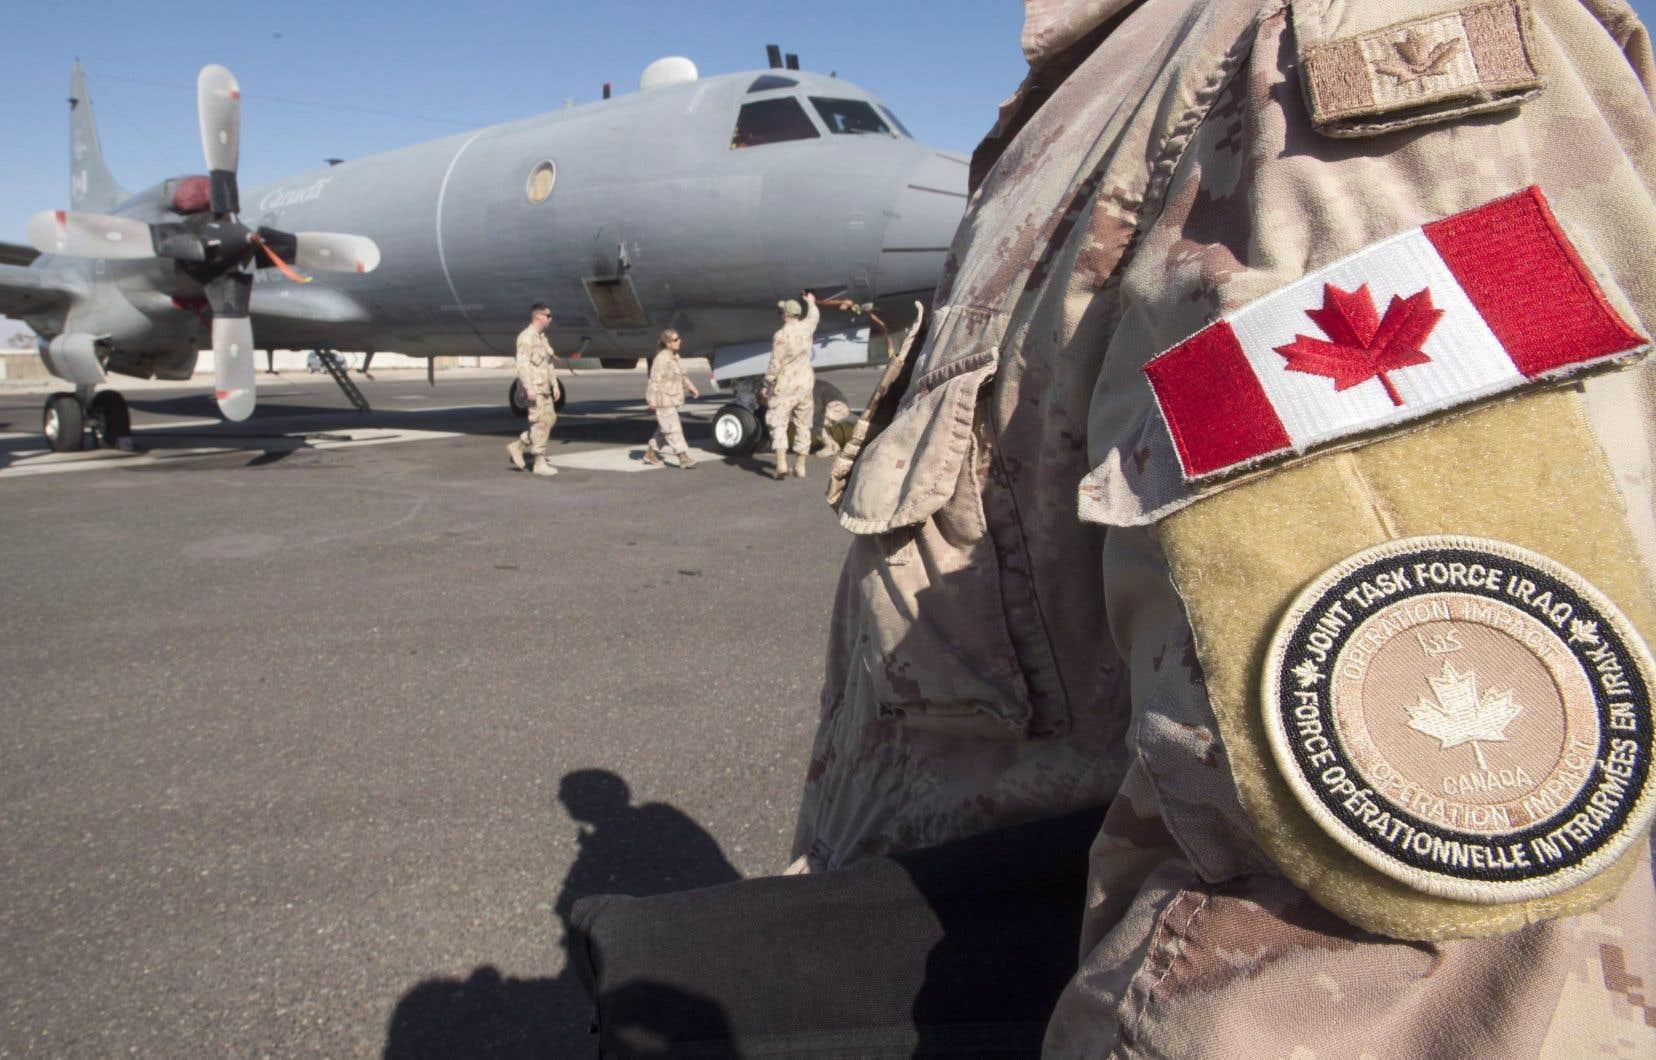 Soldats canadiens déployés sur une base militaire du golfe Persique en 2017